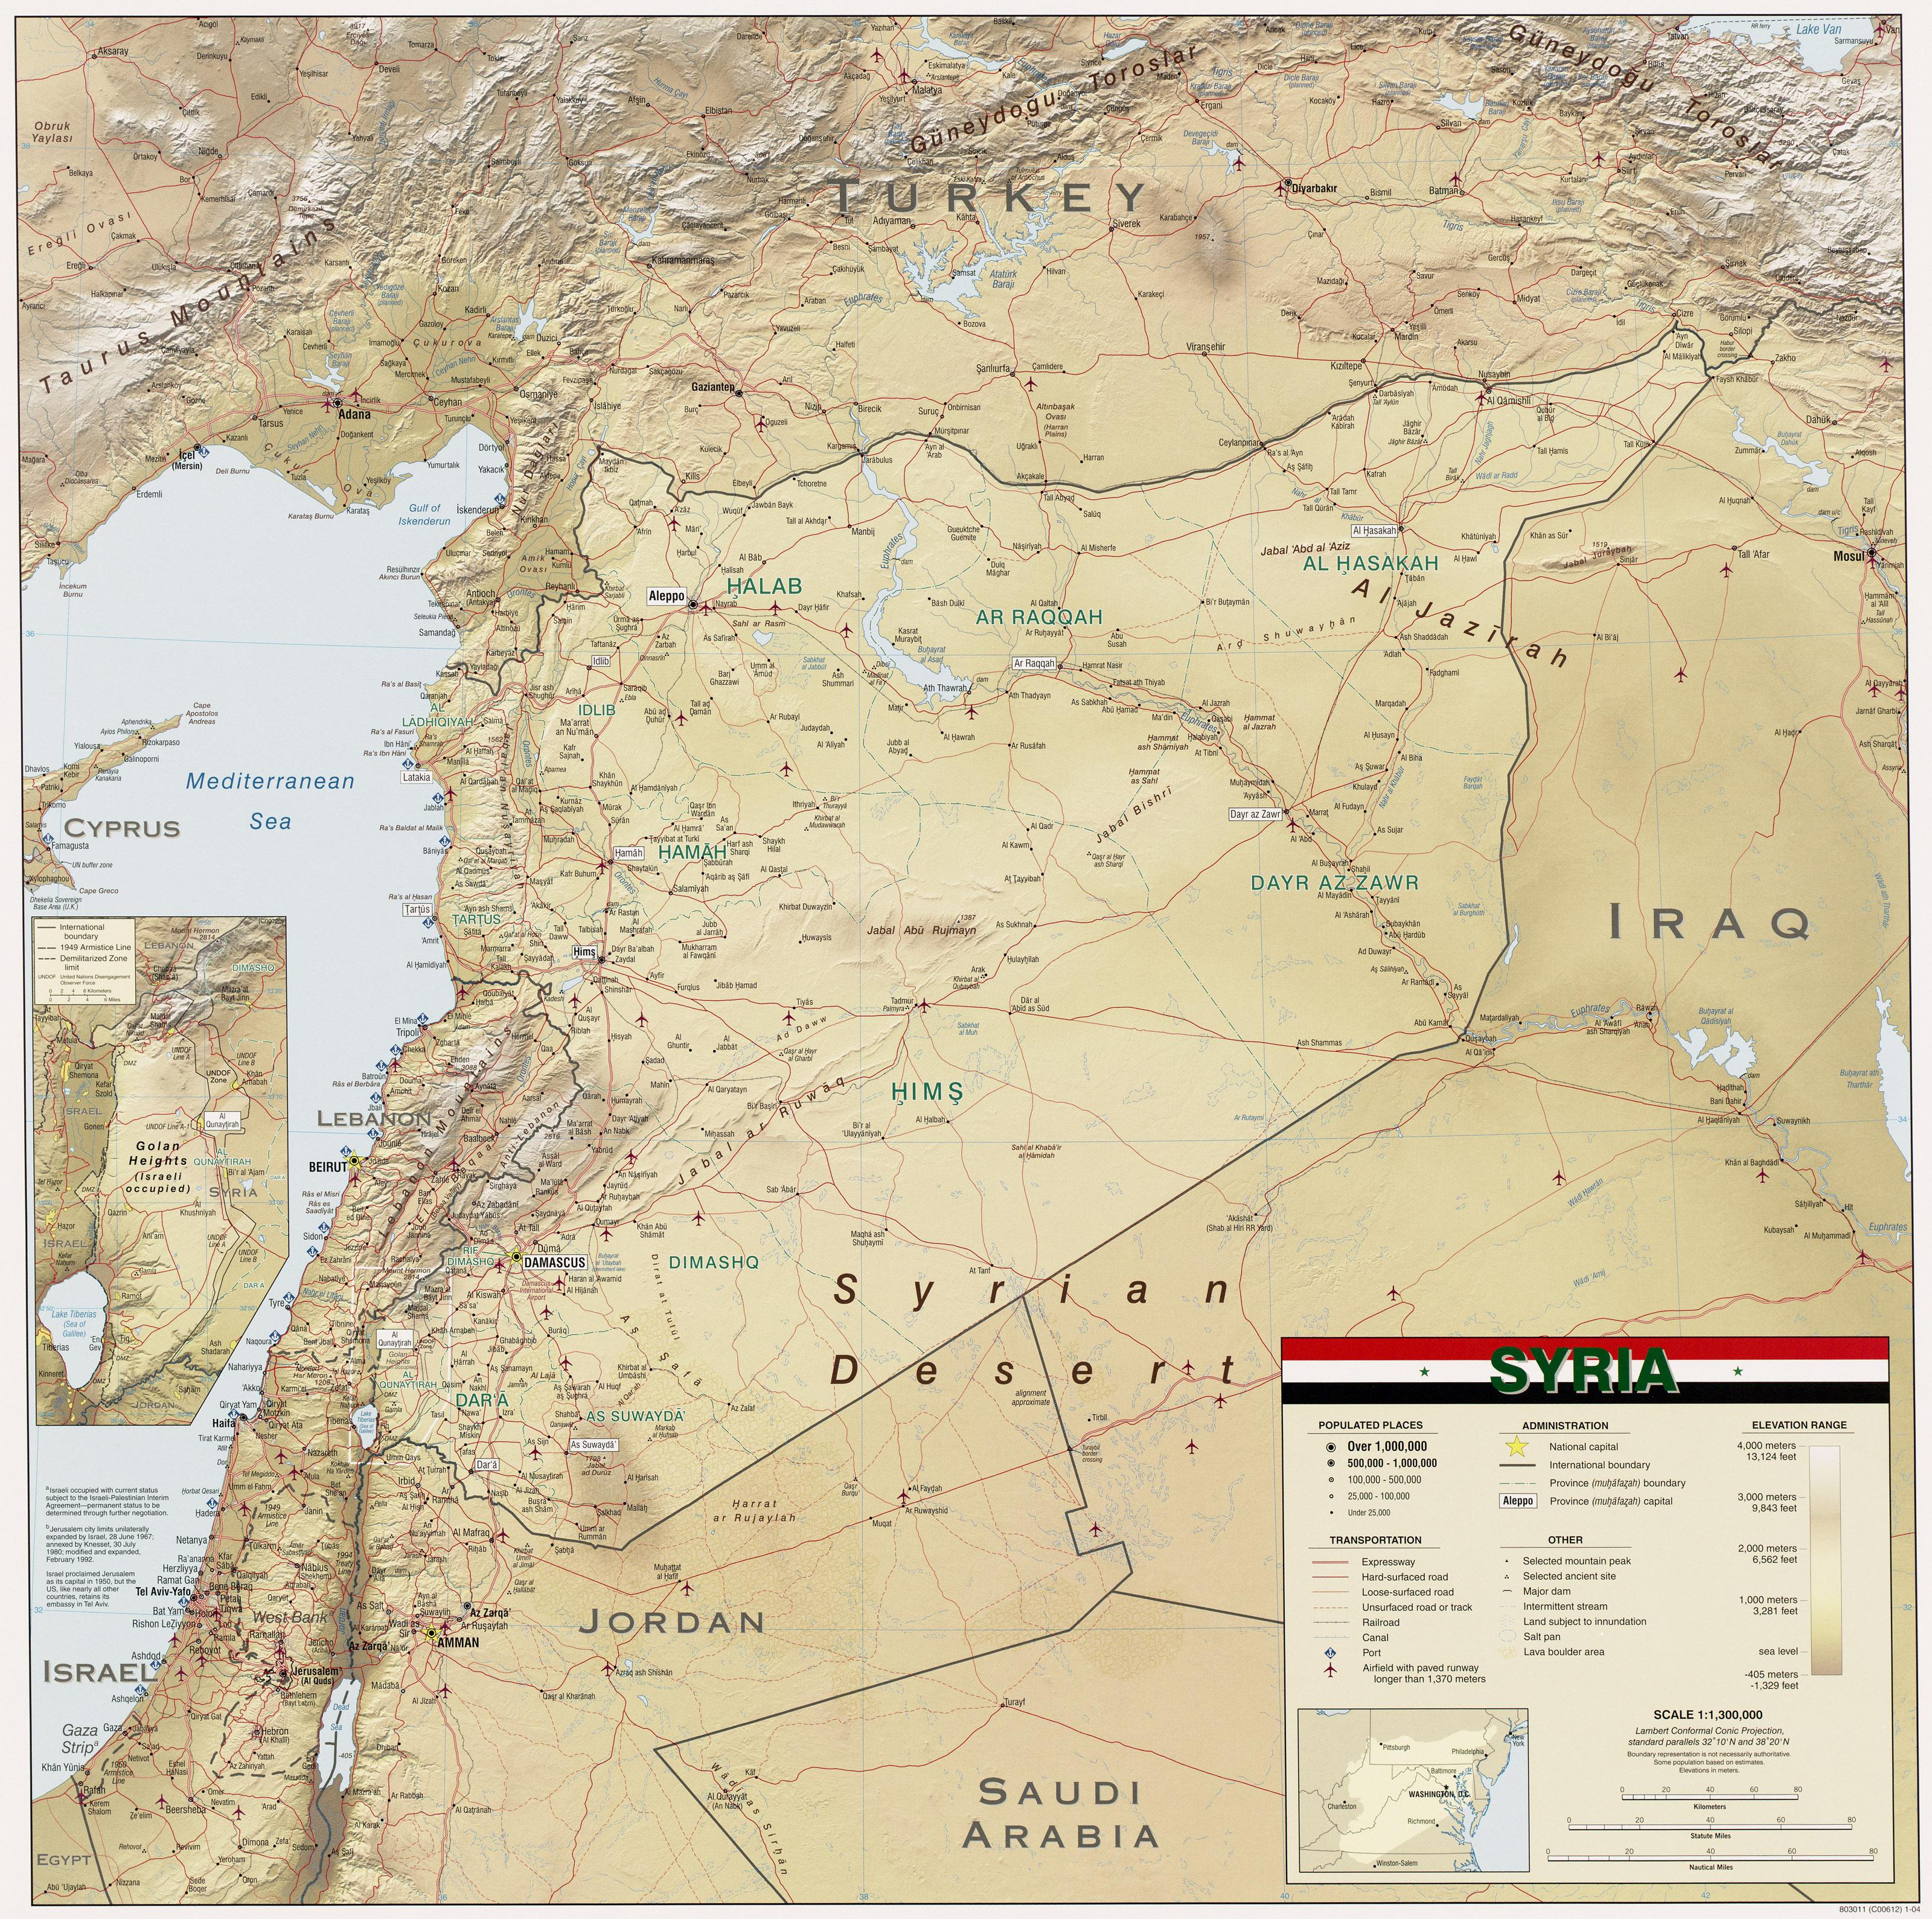 Сирия-Ливан. Декабрь 2011. Карта Сирии - Красно-Черный: http://krasno-cherniy.livejournal.com/109083.html